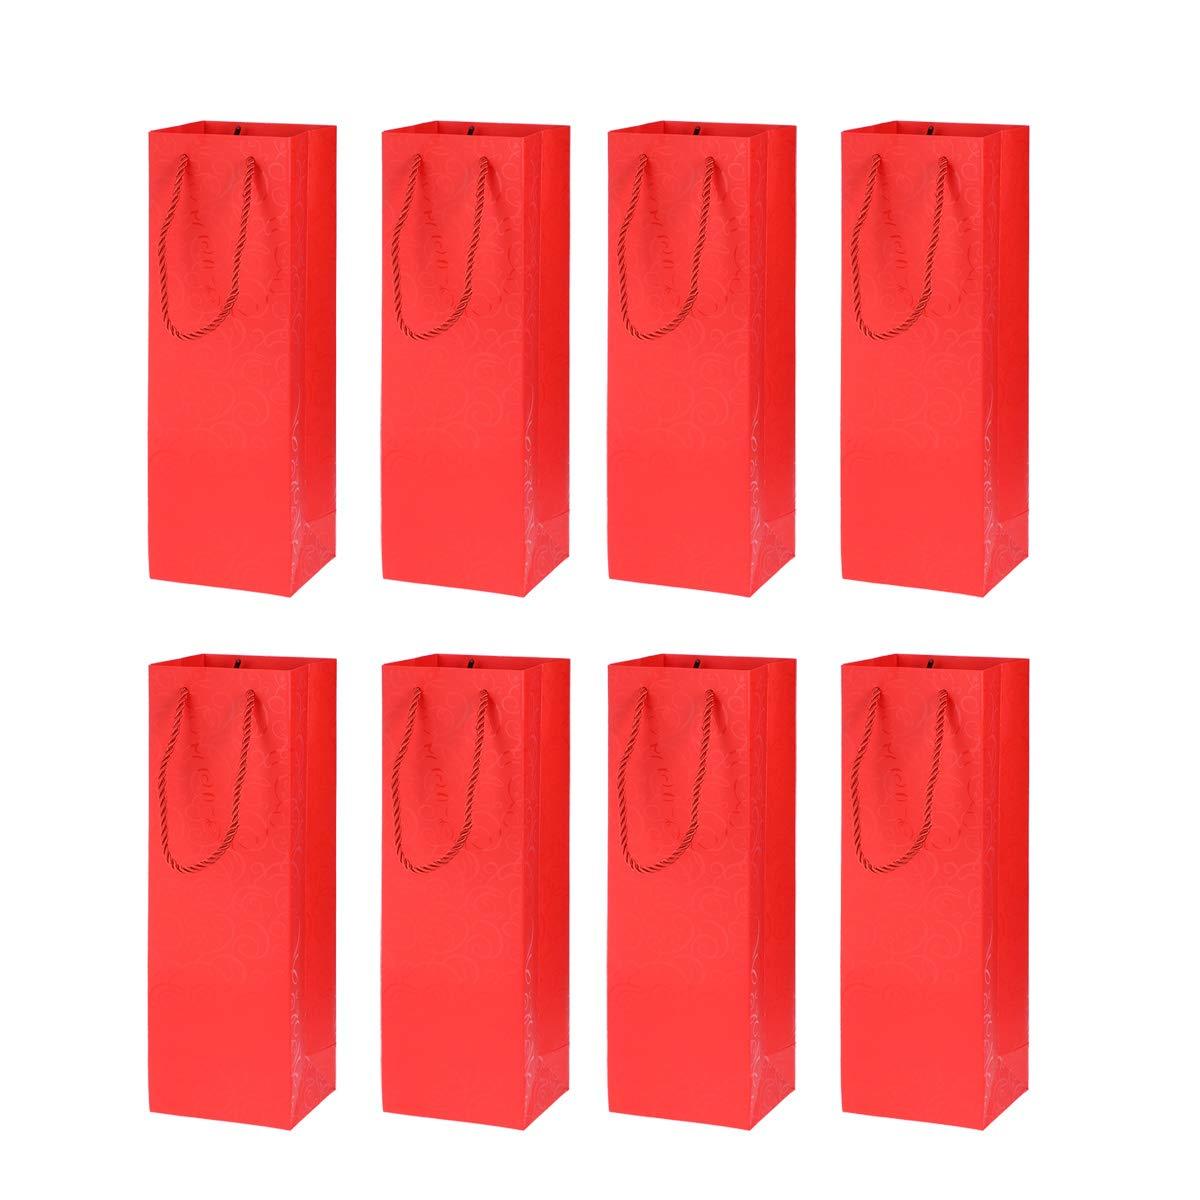 rot 36 x 12 x 9cm BESTonZON 8 St/ück Premium Weinflaschen Geschenkt/üten Geschenkt/üten mit Griffen f/ür Weihnachten Wein Geschenke